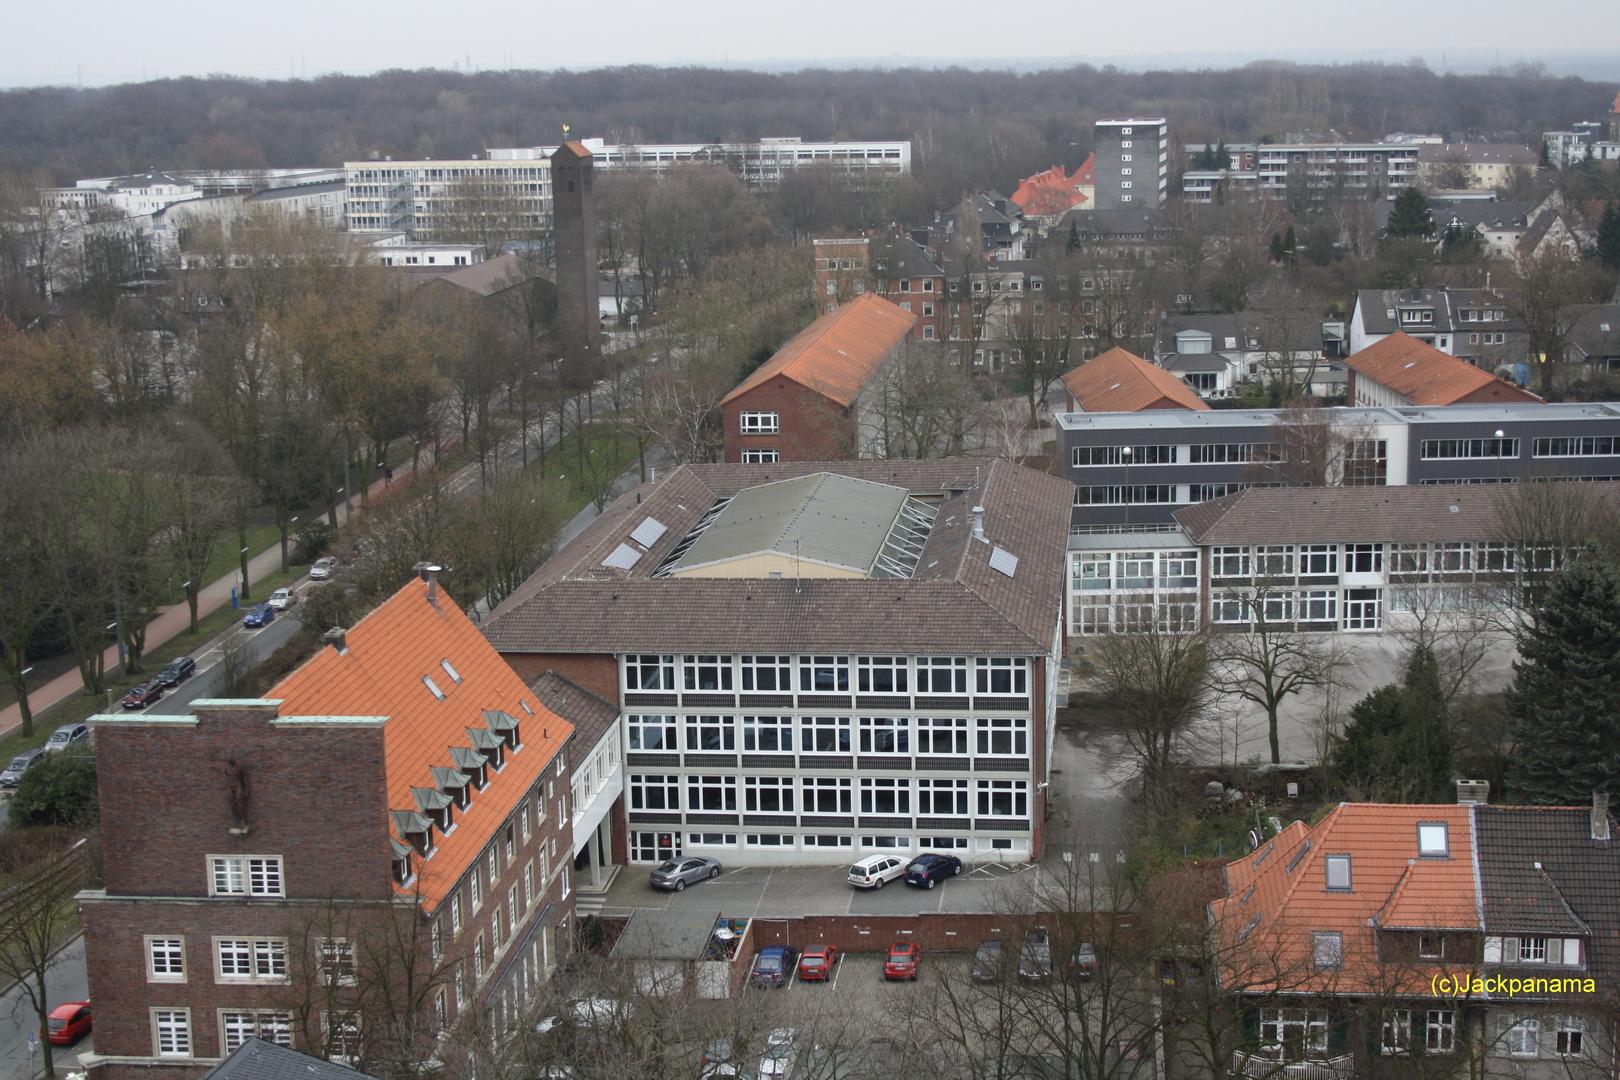 Blick vom Rathausturm (2) in die Hinterhöfe von Buer